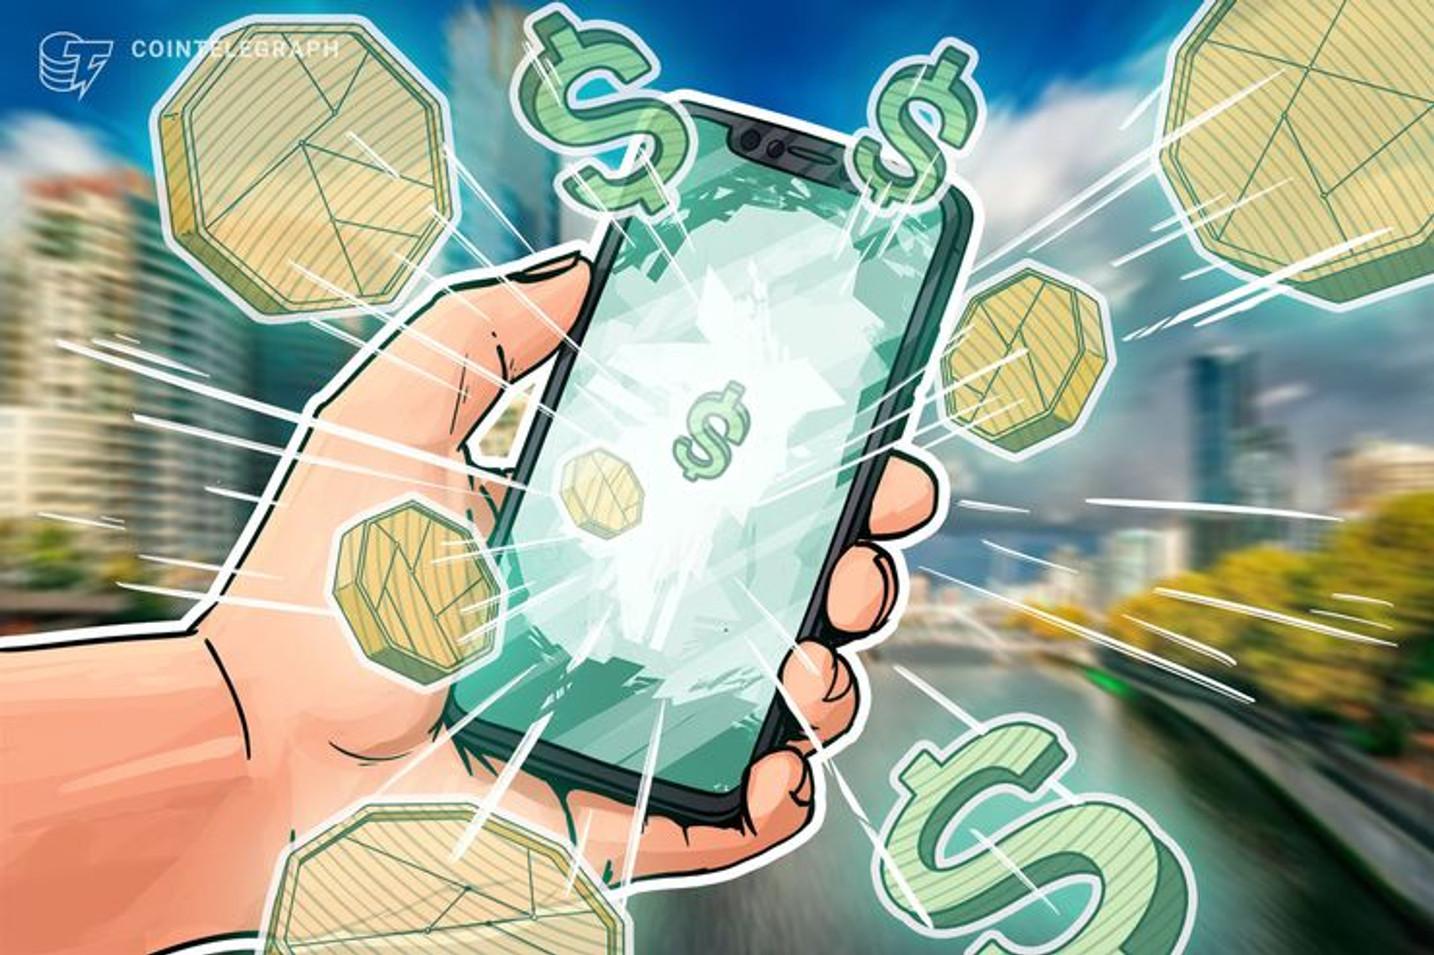 En España será necesario el teléfono móvil para acceder a la banca online